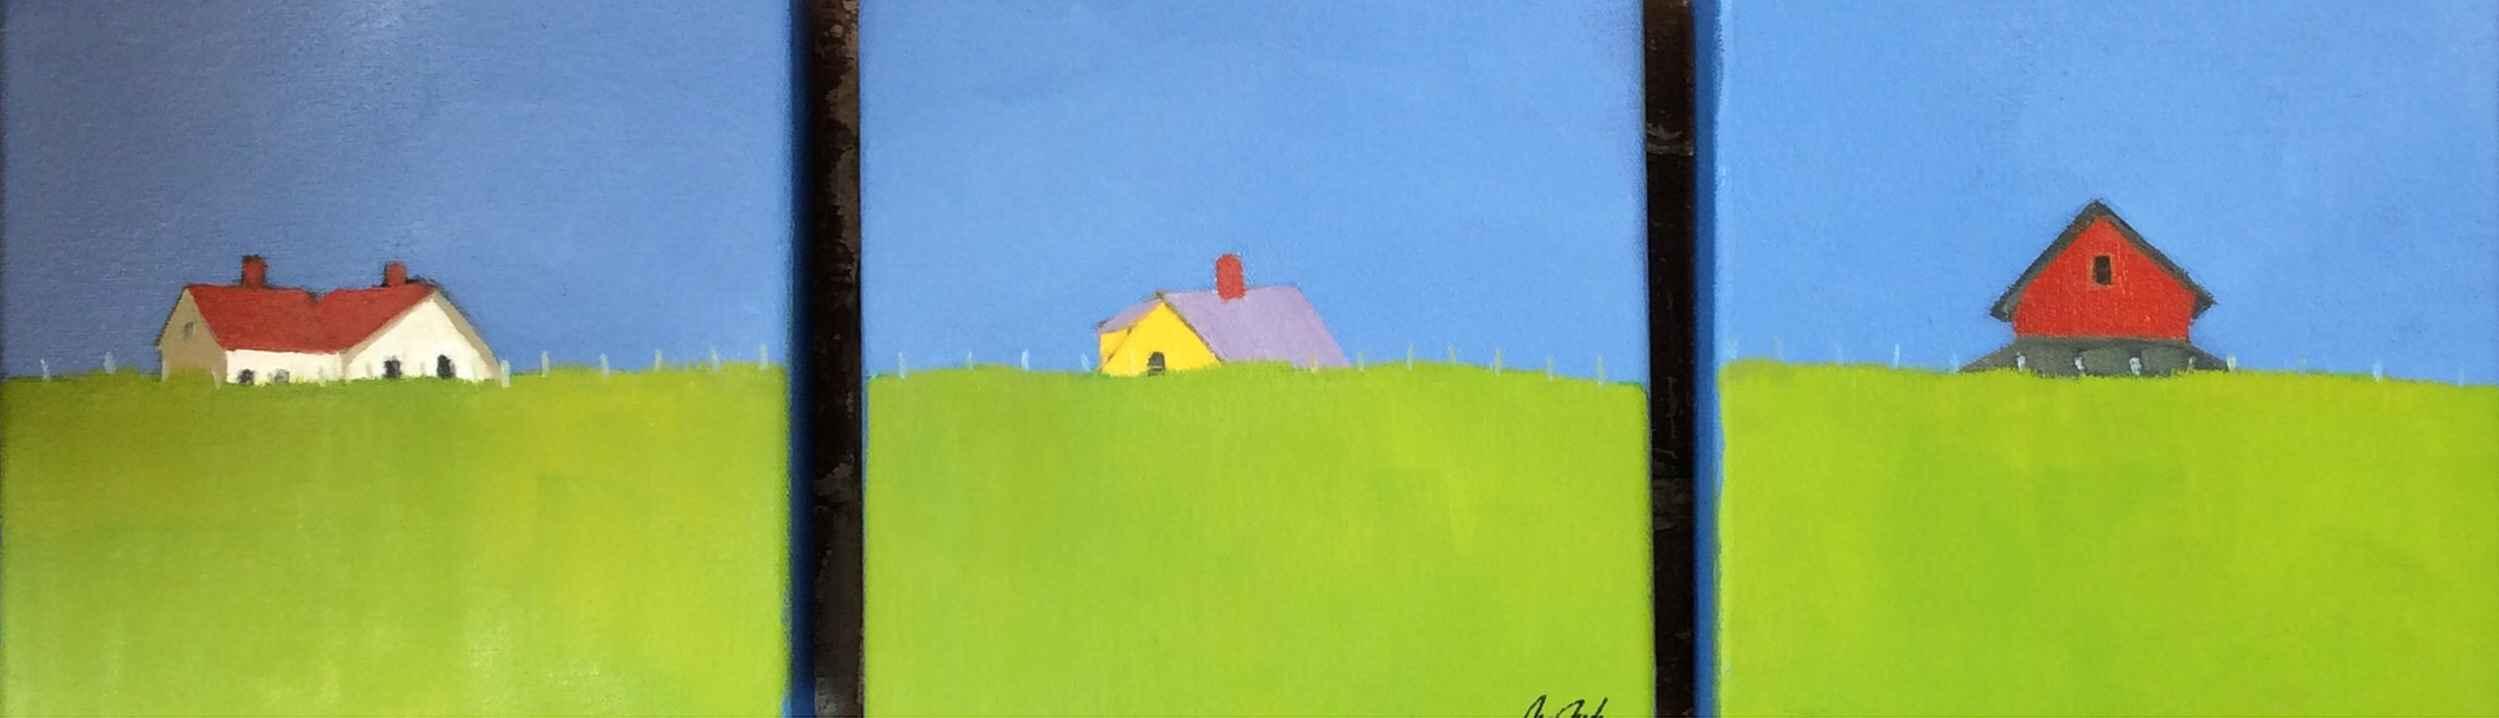 Summer Field (triptyc... by  Jean Jack - Masterpiece Online